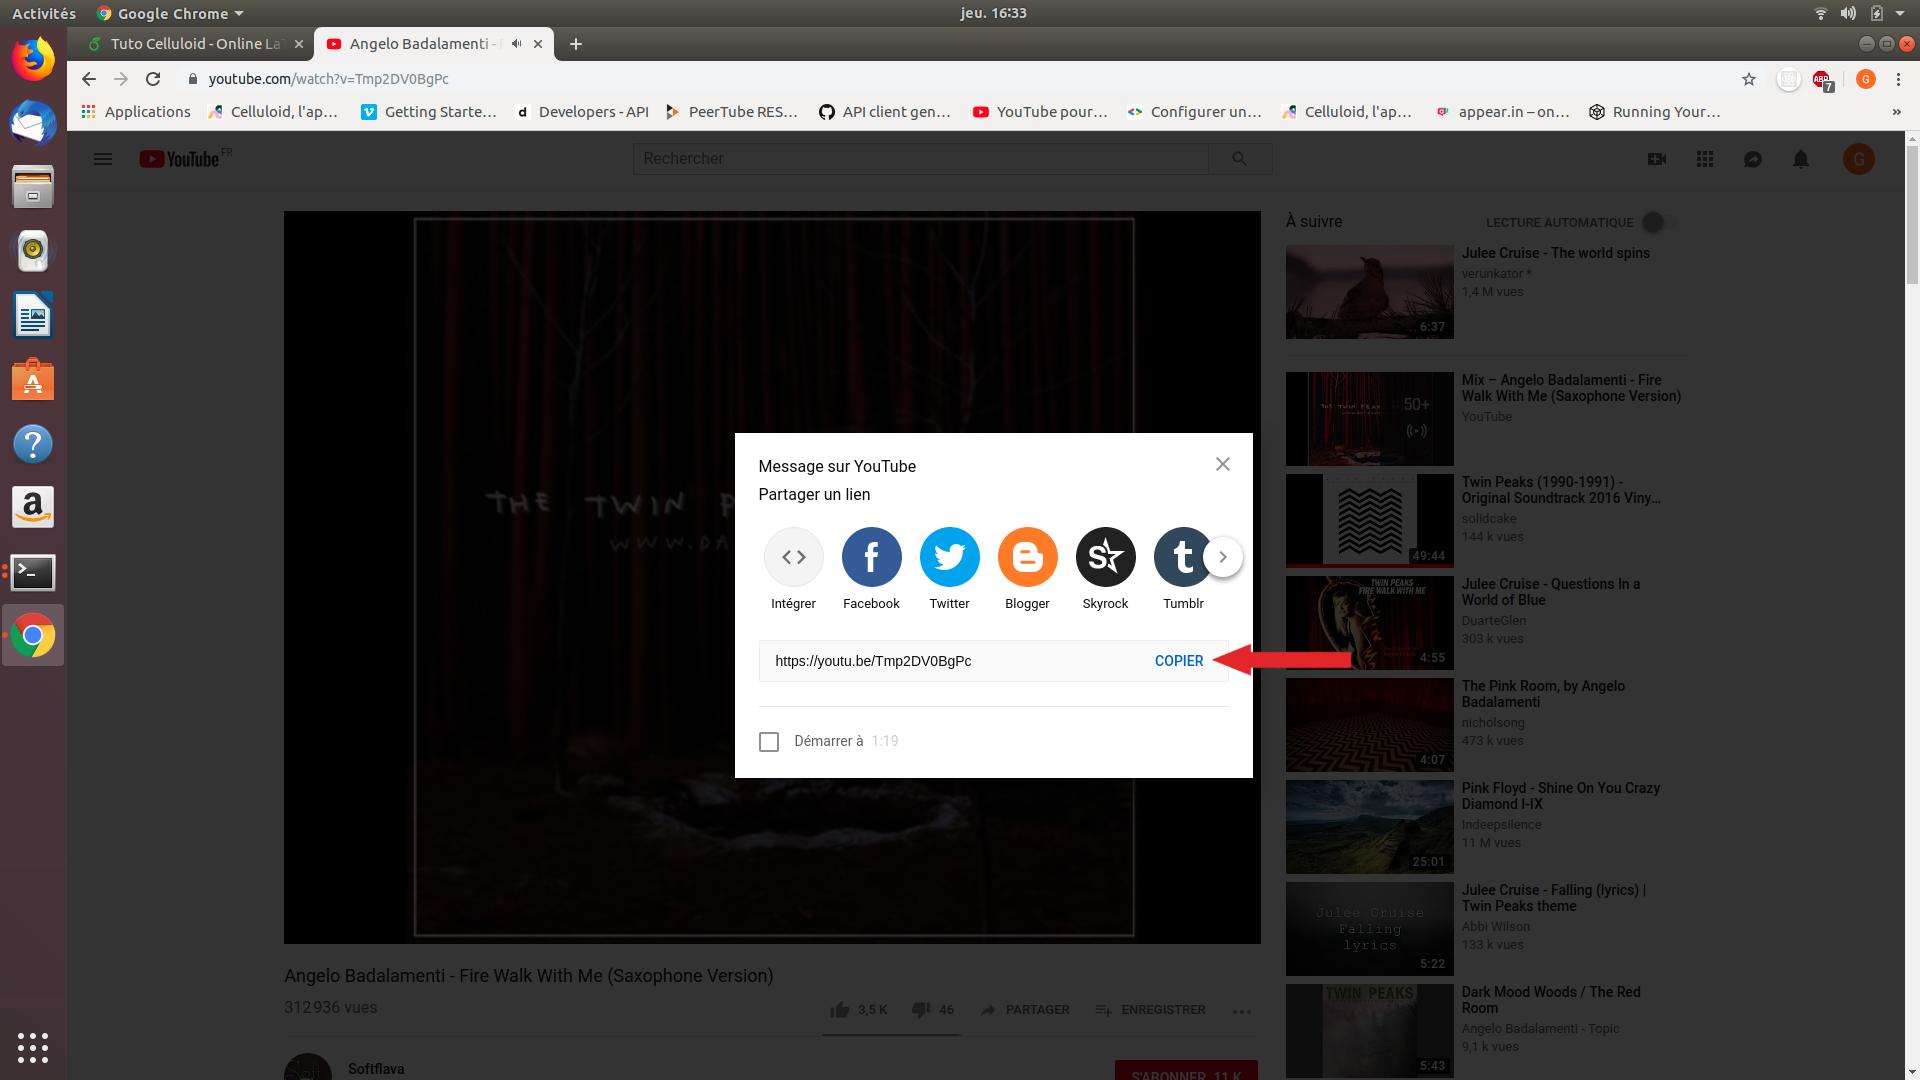 supprimer les annonces datant sur YouTube rencontre un gars avec plusieurs partenaires